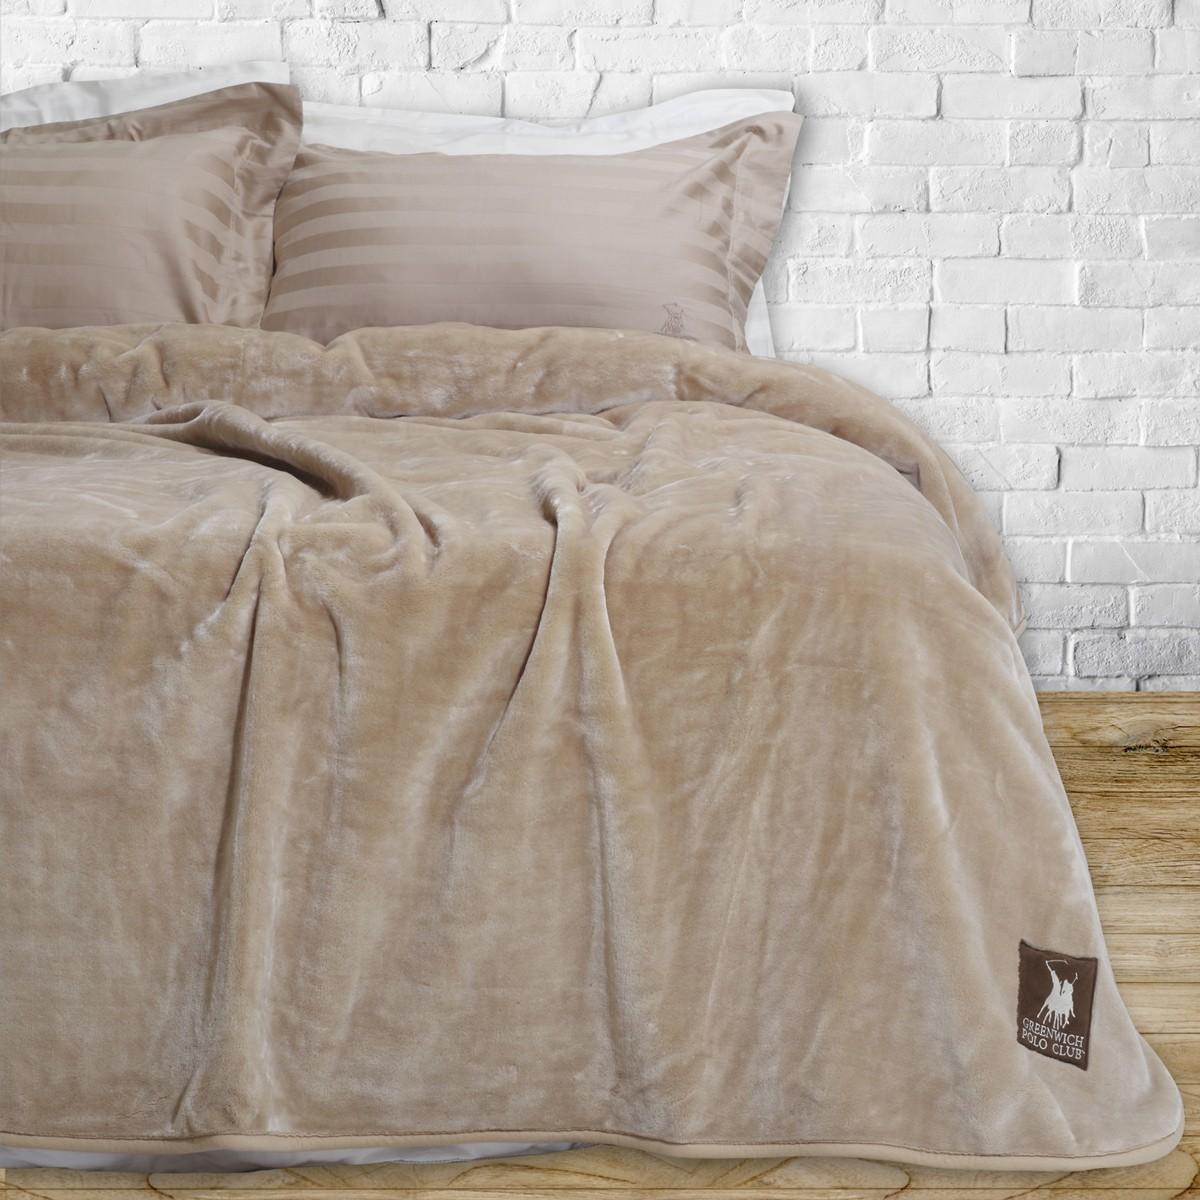 Κουβέρτα Βελουτέ Υπέρδιπλη Polo Club Essential Blanket 2402 home   κρεβατοκάμαρα   κουβέρτες   κουβέρτες βελουτέ υπέρδιπλες